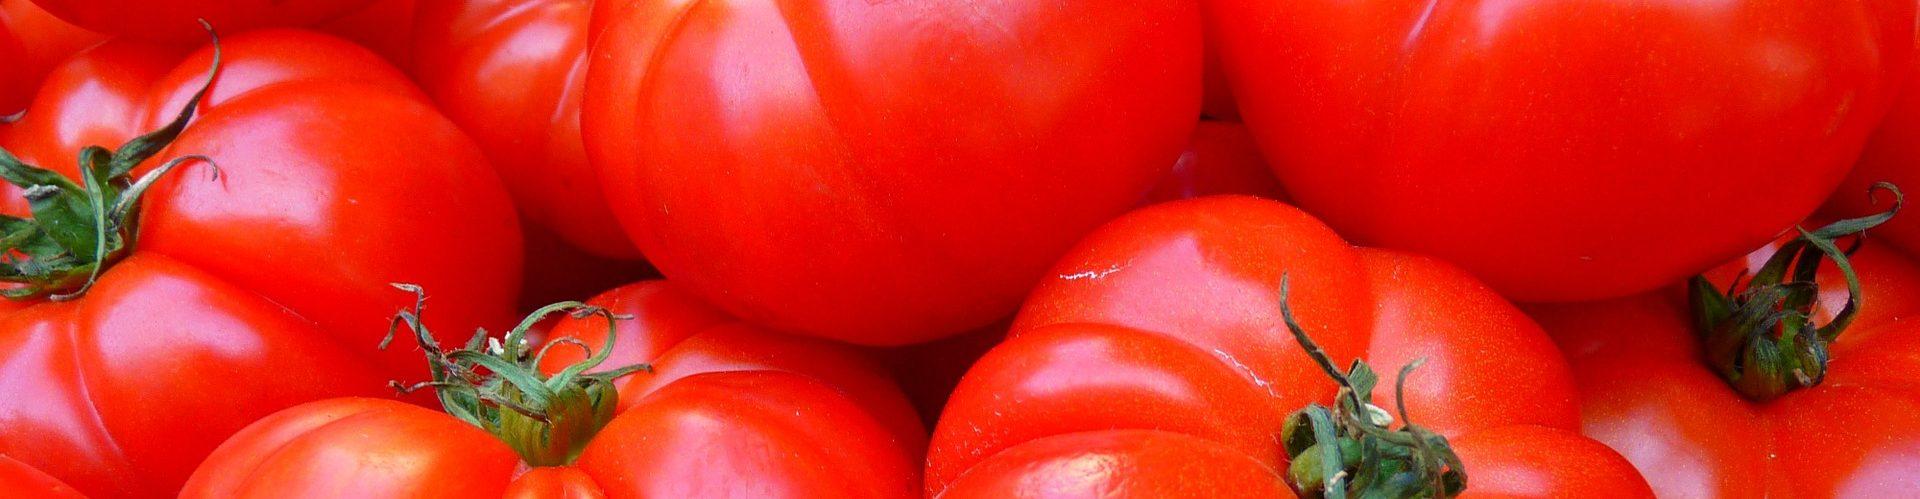 Диагностика патогенов овощных культур